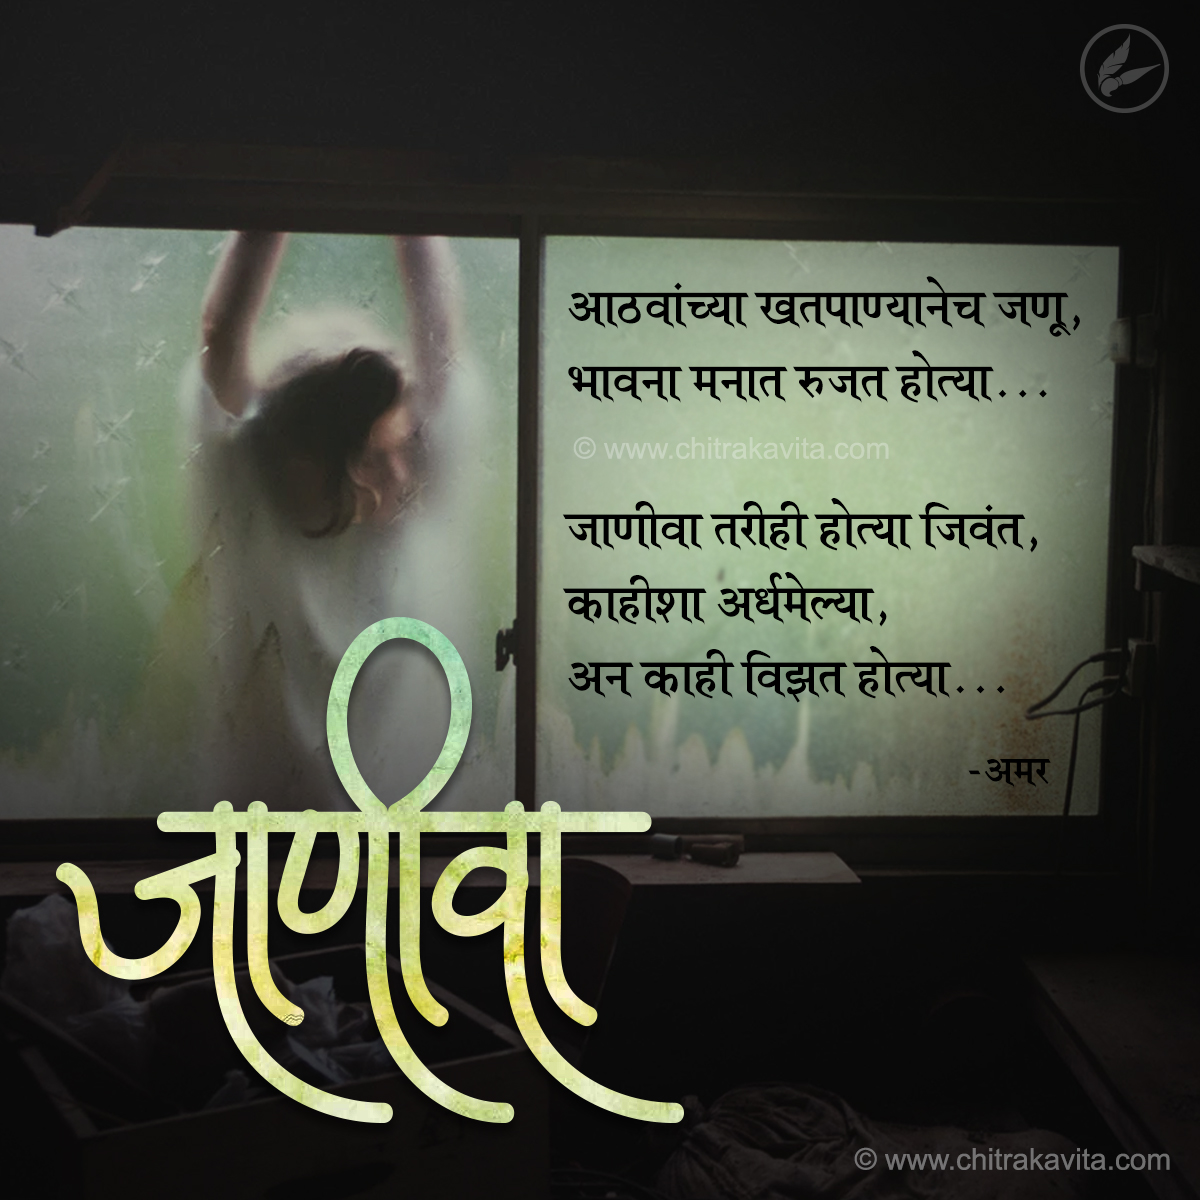 Marathi Kavita - Janiva, Marathi Poems, Marathi Chitrakavita